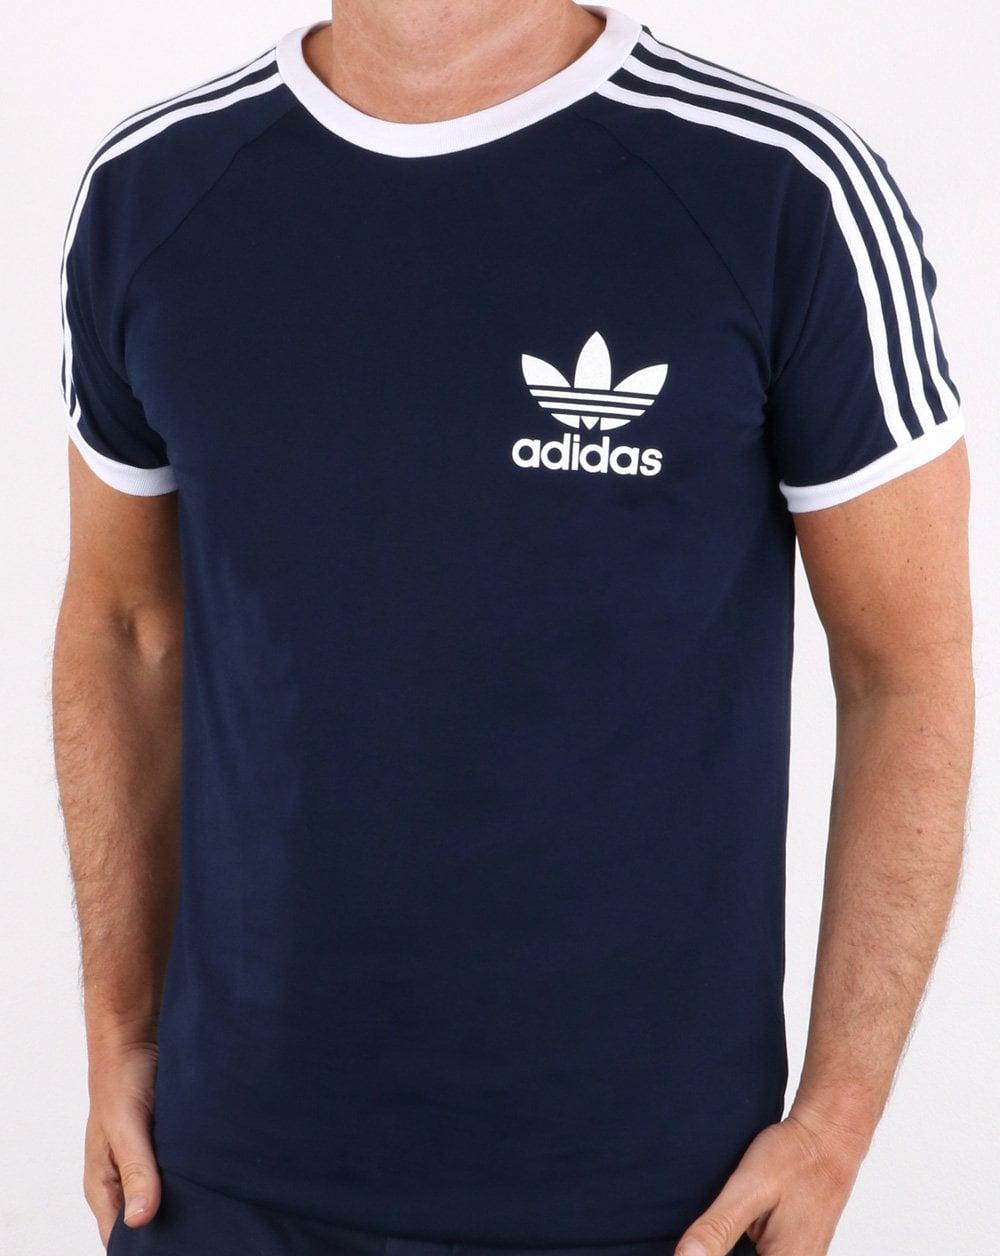 2b4c83aa Adidas Originals Retro 3 Stripes T-shirt Navy | 80s casual classics